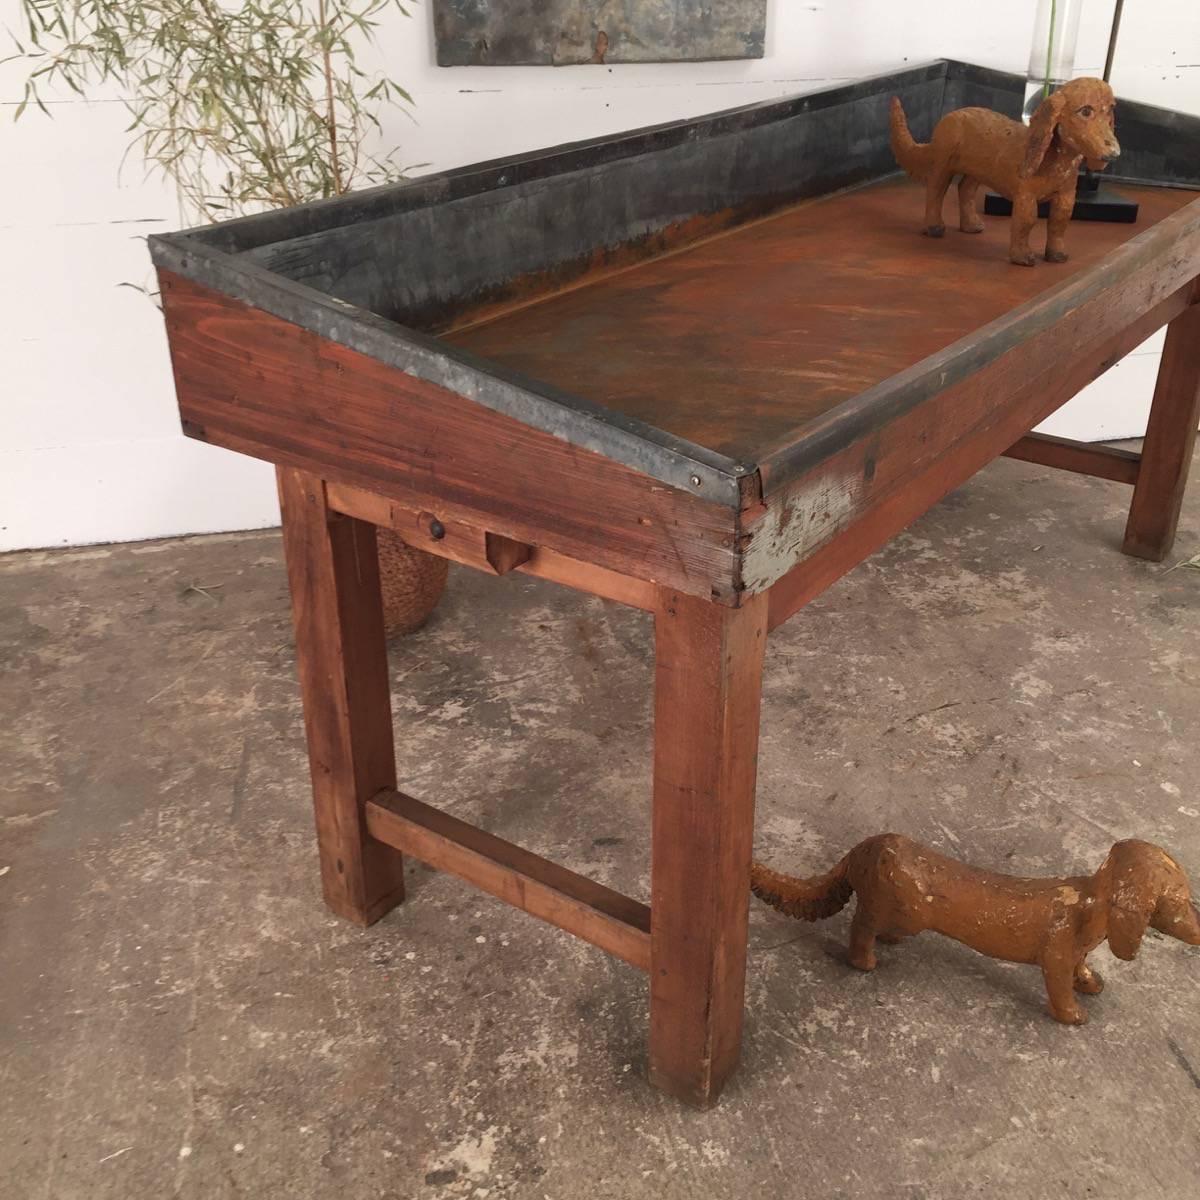 Espace nord Ouest Beau Collection Table De Rempotage Le Jardin Boultois Un Mobilier Bien Adapt Ma